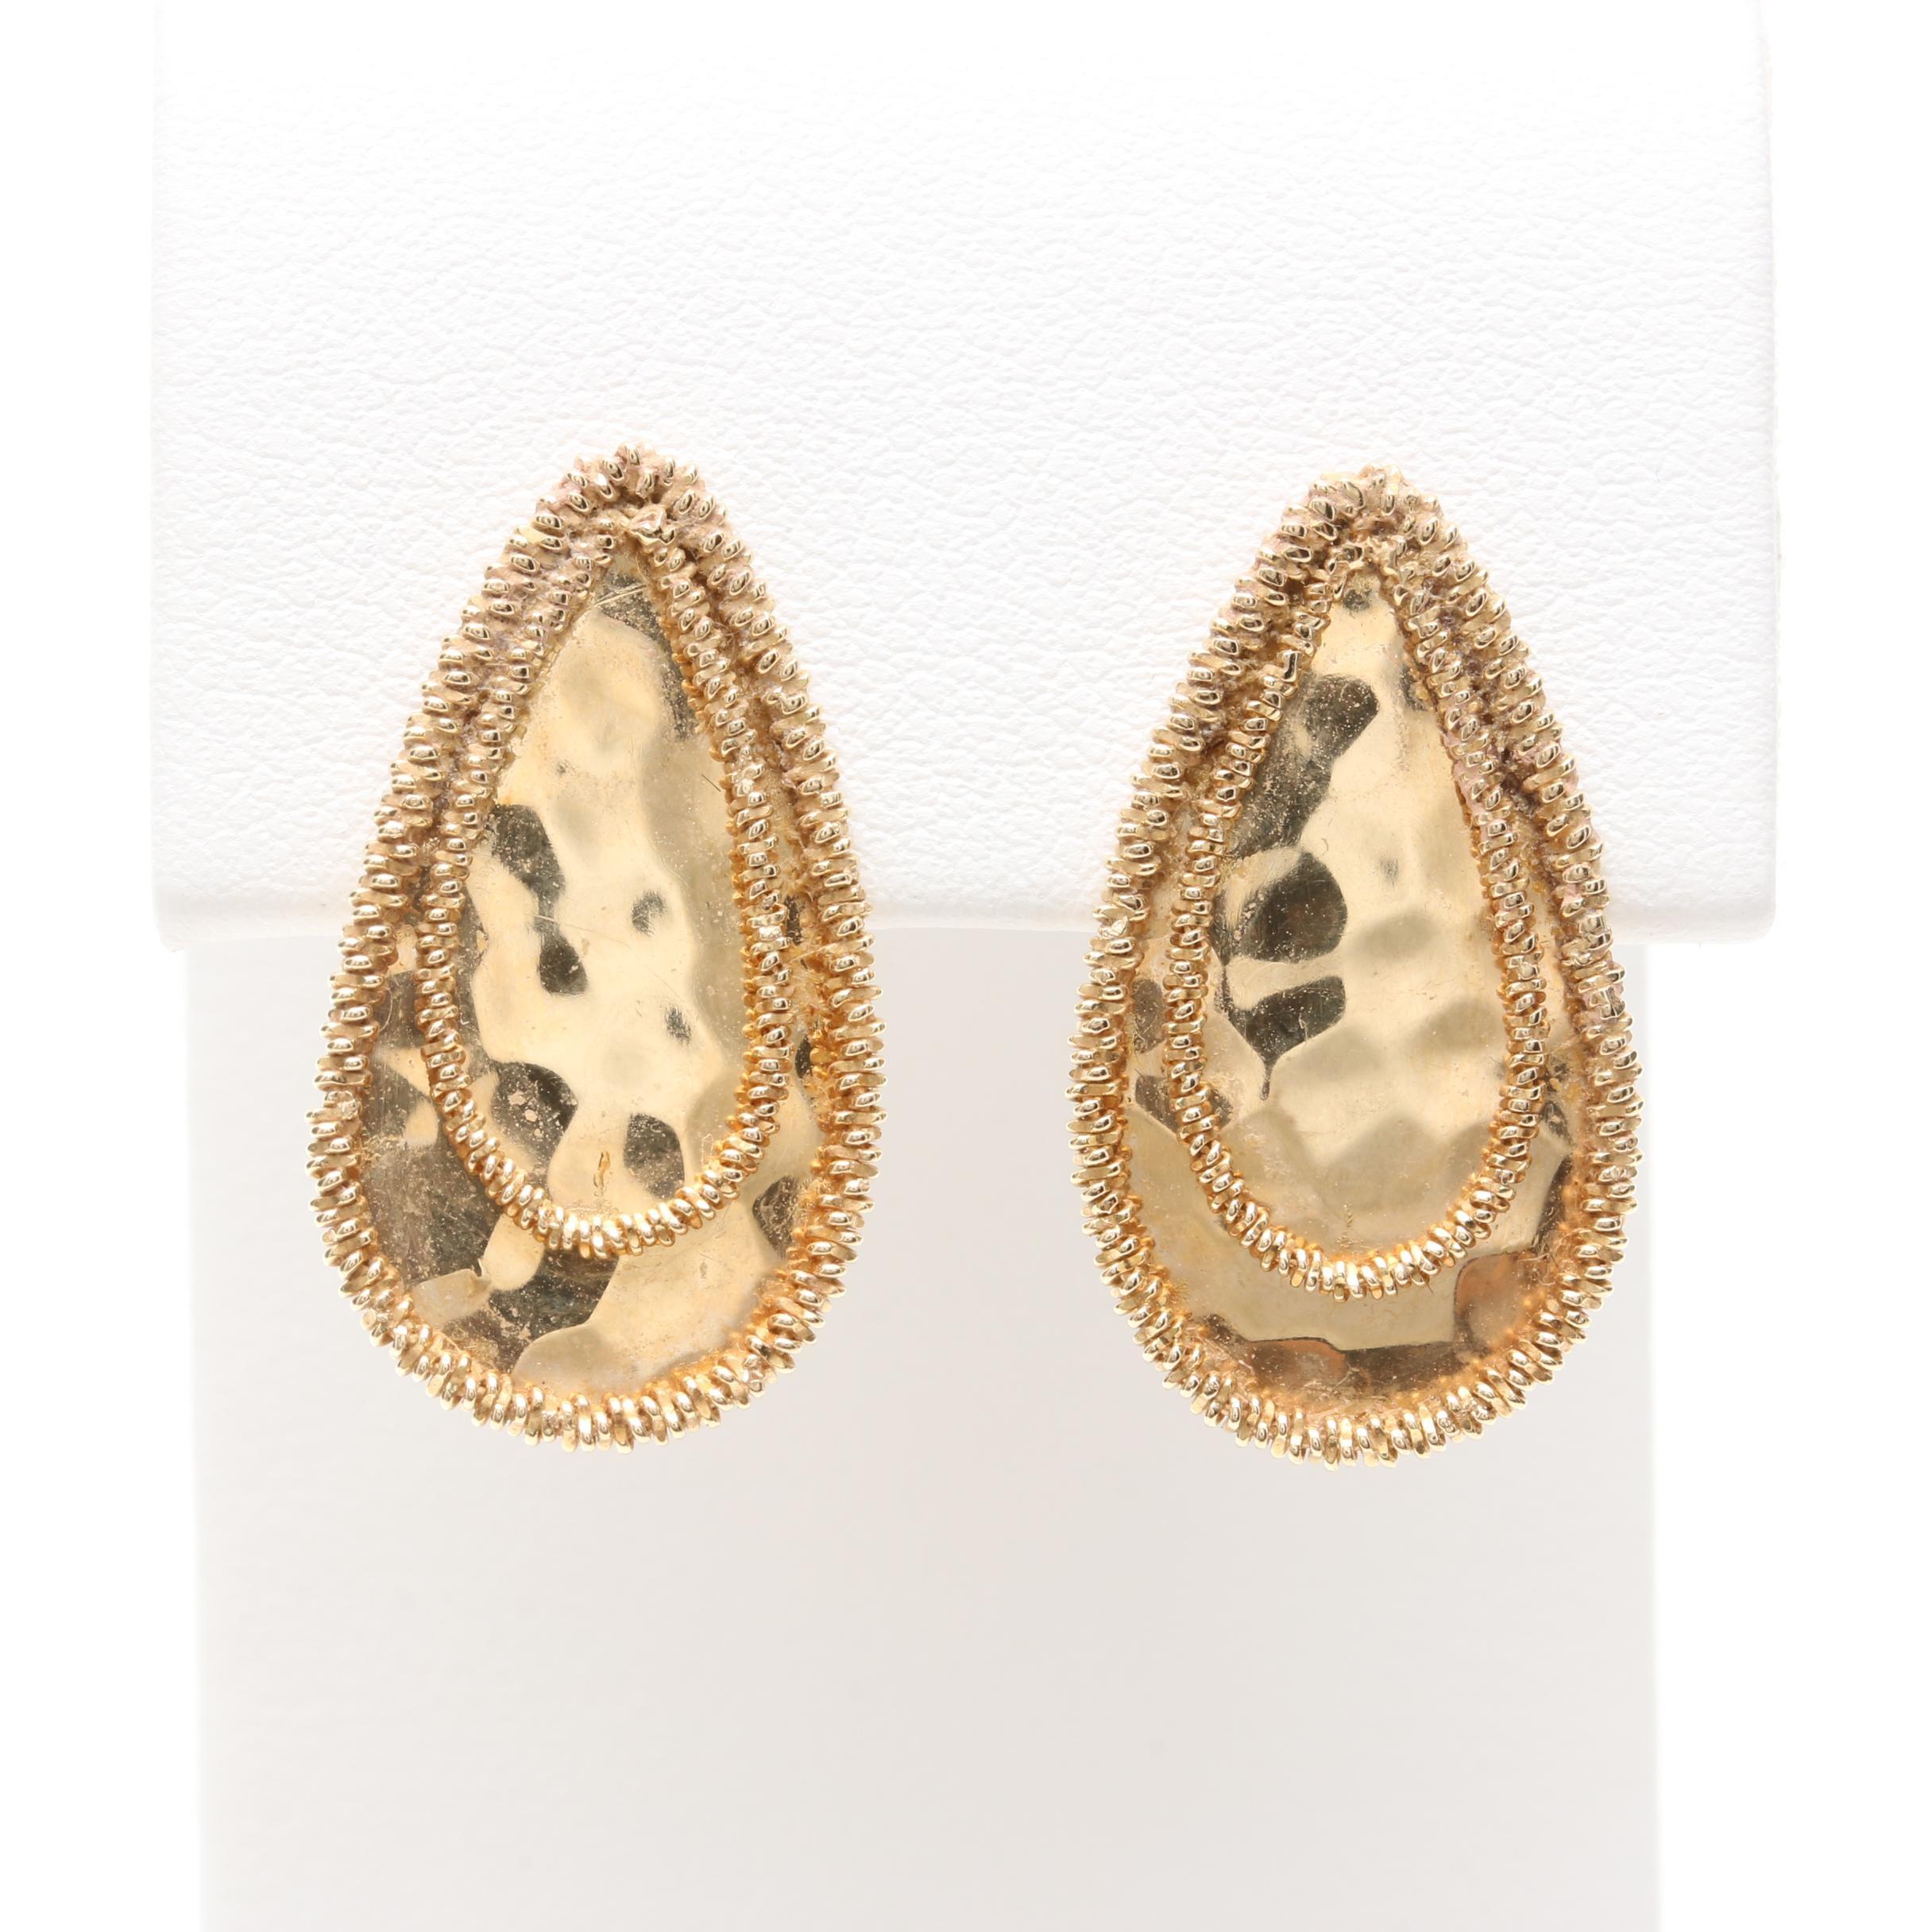 14K Yellow Gold Teardrop Earrings